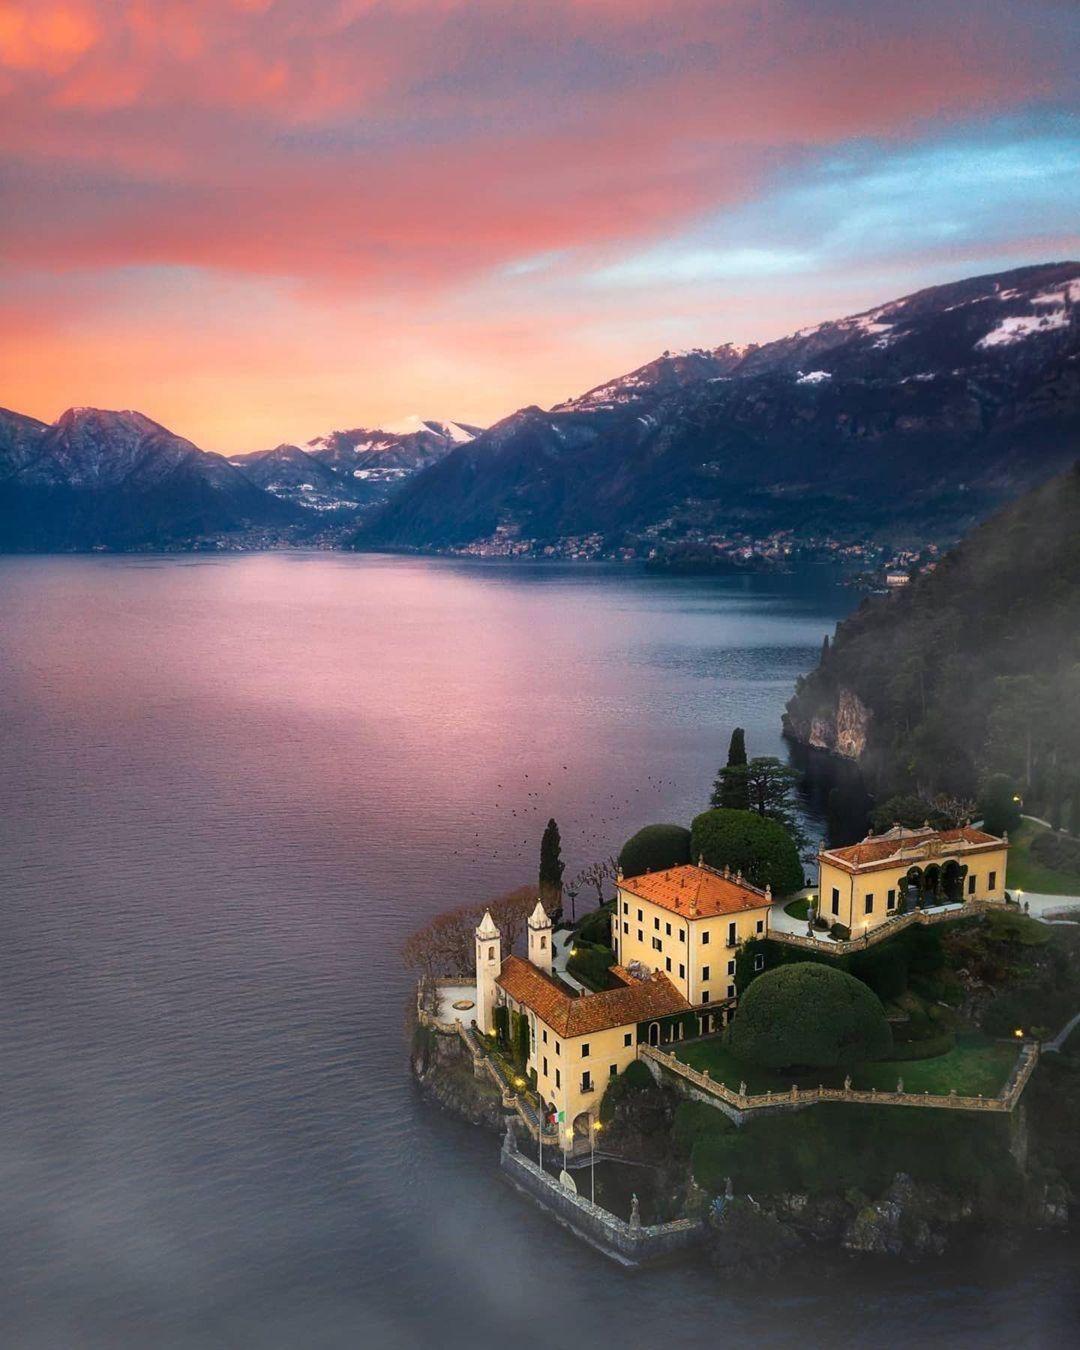 notte romantica nei Borghi più belli d'Italia Tremezzina Lago di Como, Lombardia